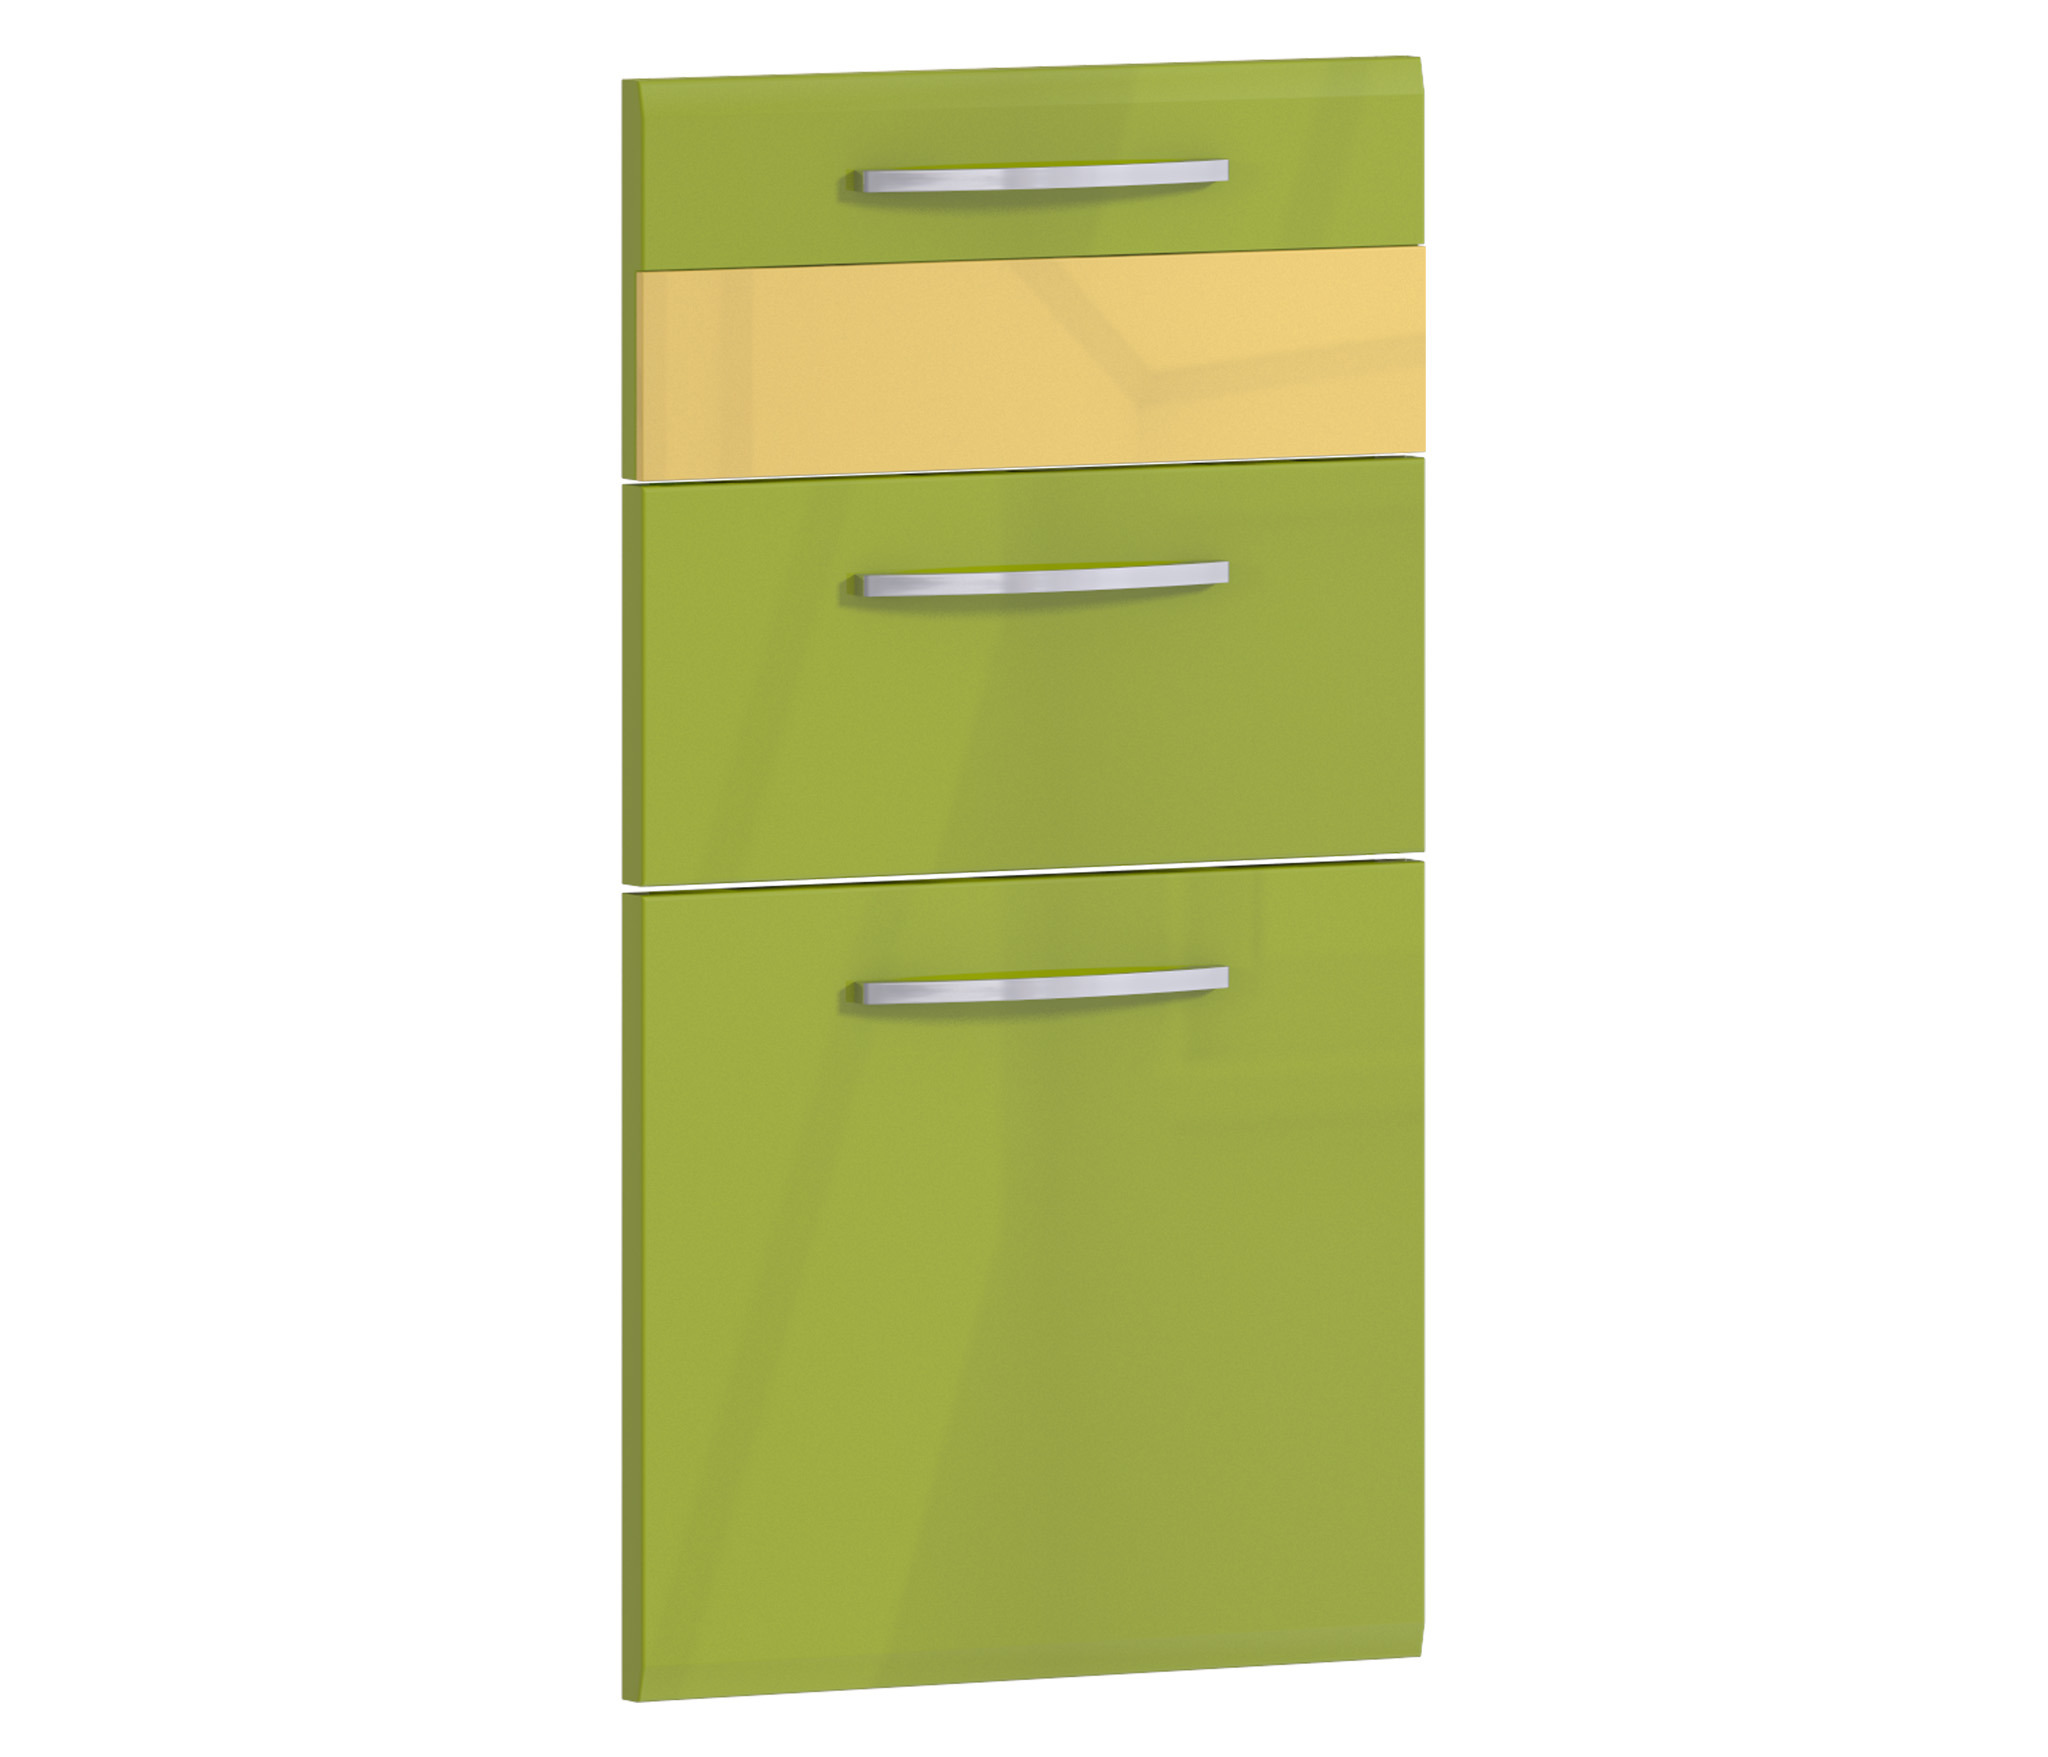 Фасад Регина Н-40 к корпусу РСЯ-40Мебель для кухни<br>Комплект  из трех панелей для ящиков кухонного шкафа.